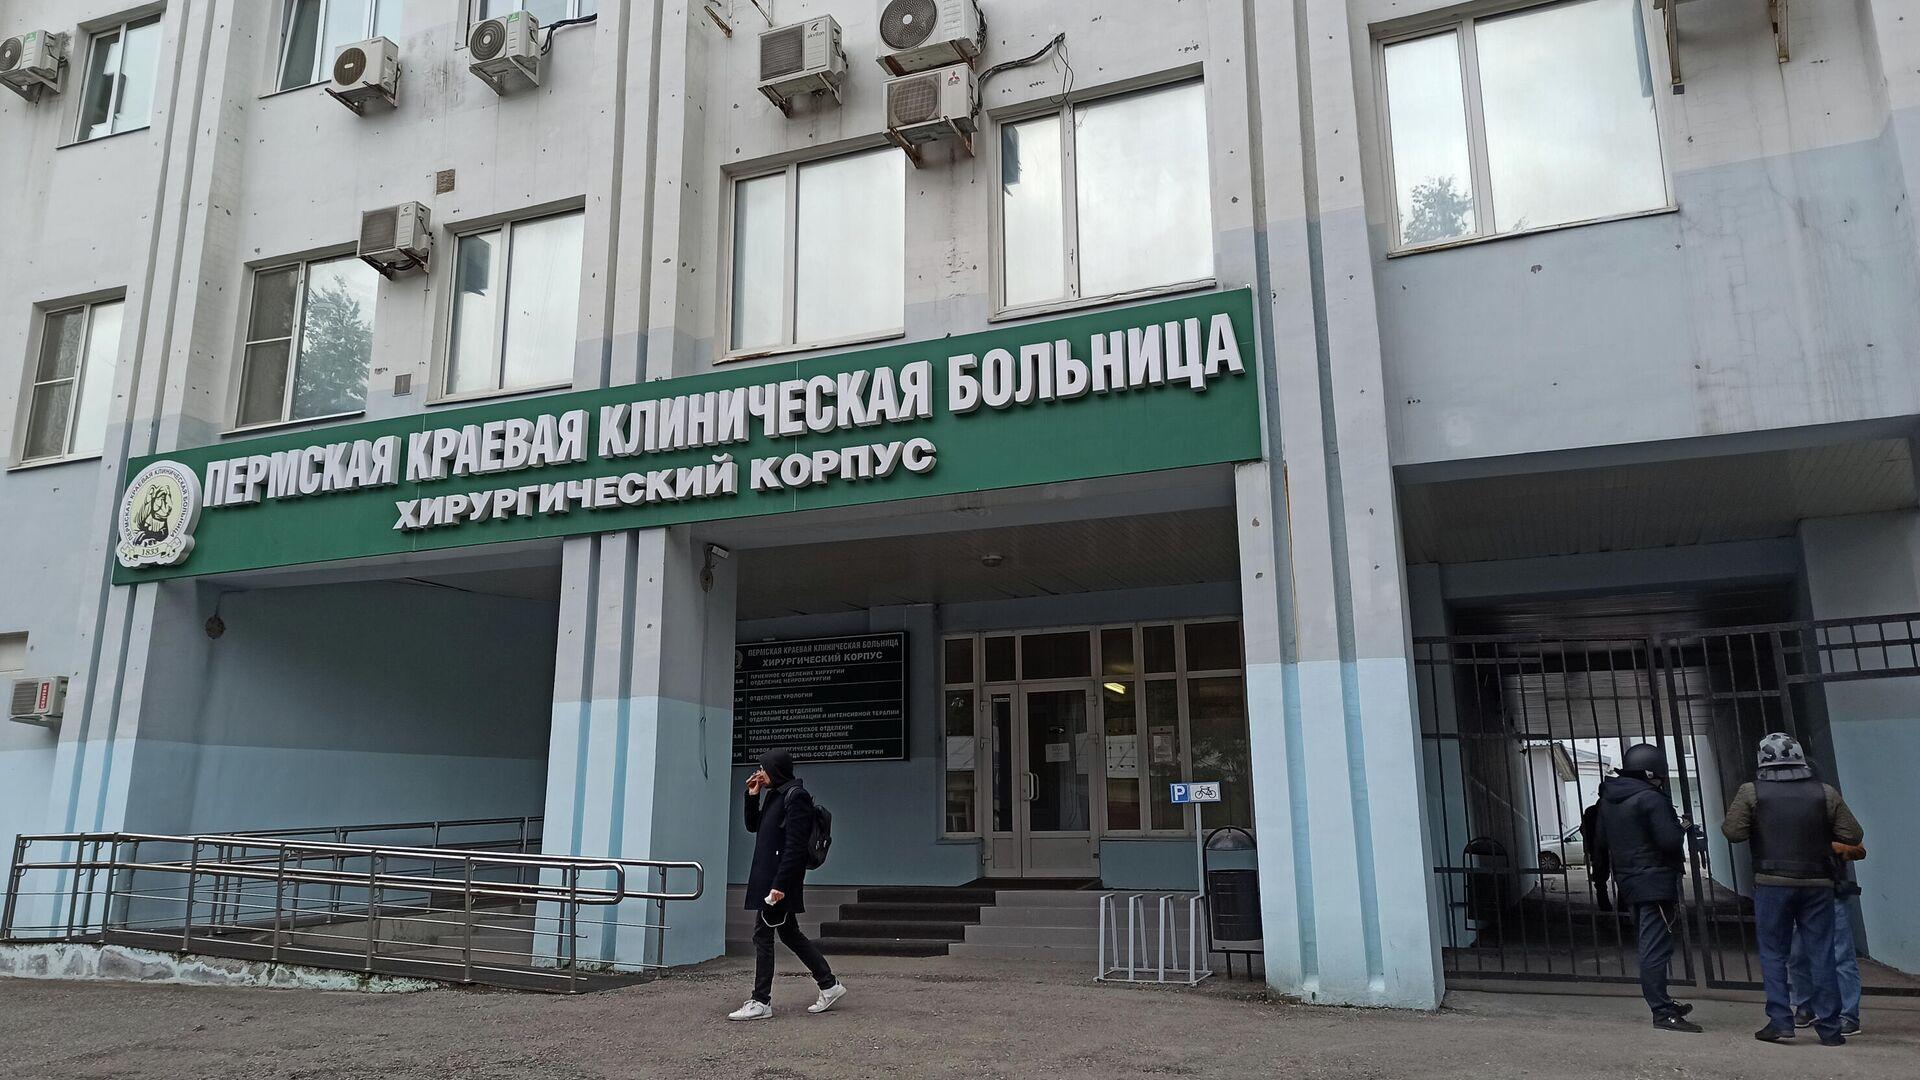 Суд продлил арест Галявиеву, устроившему стрельбу в казанской школе